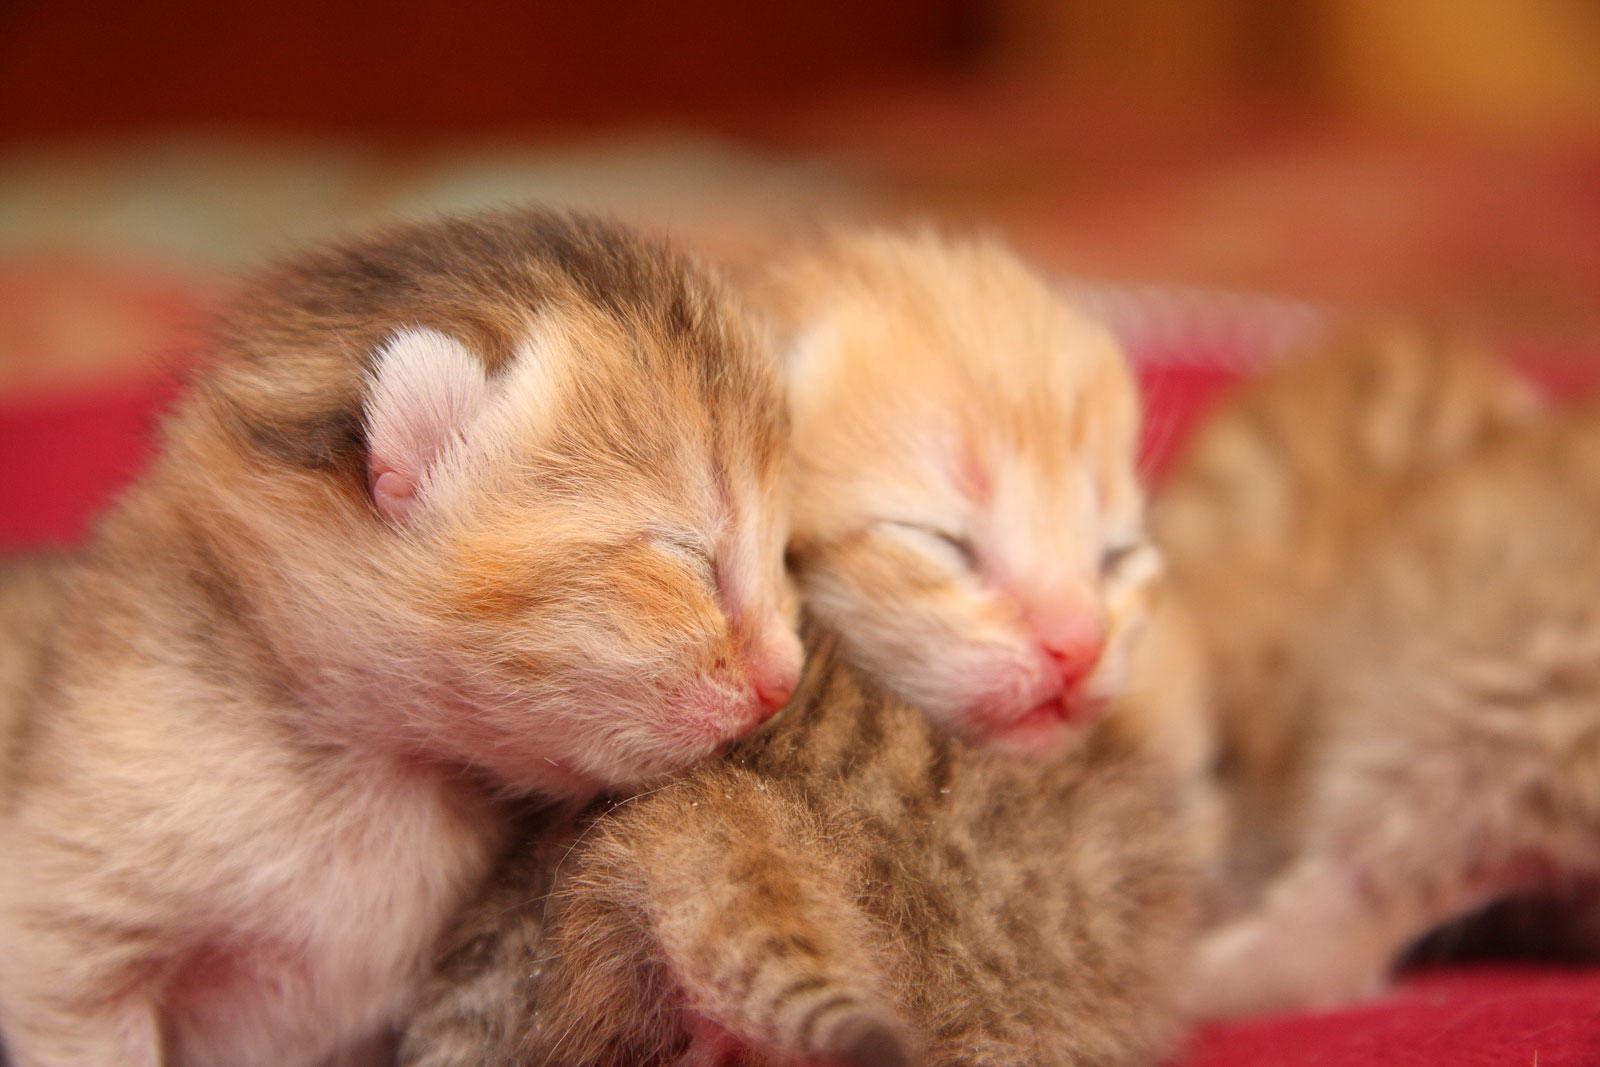 Первая неделя жизни после рождения котенка называются неонатальным периодом